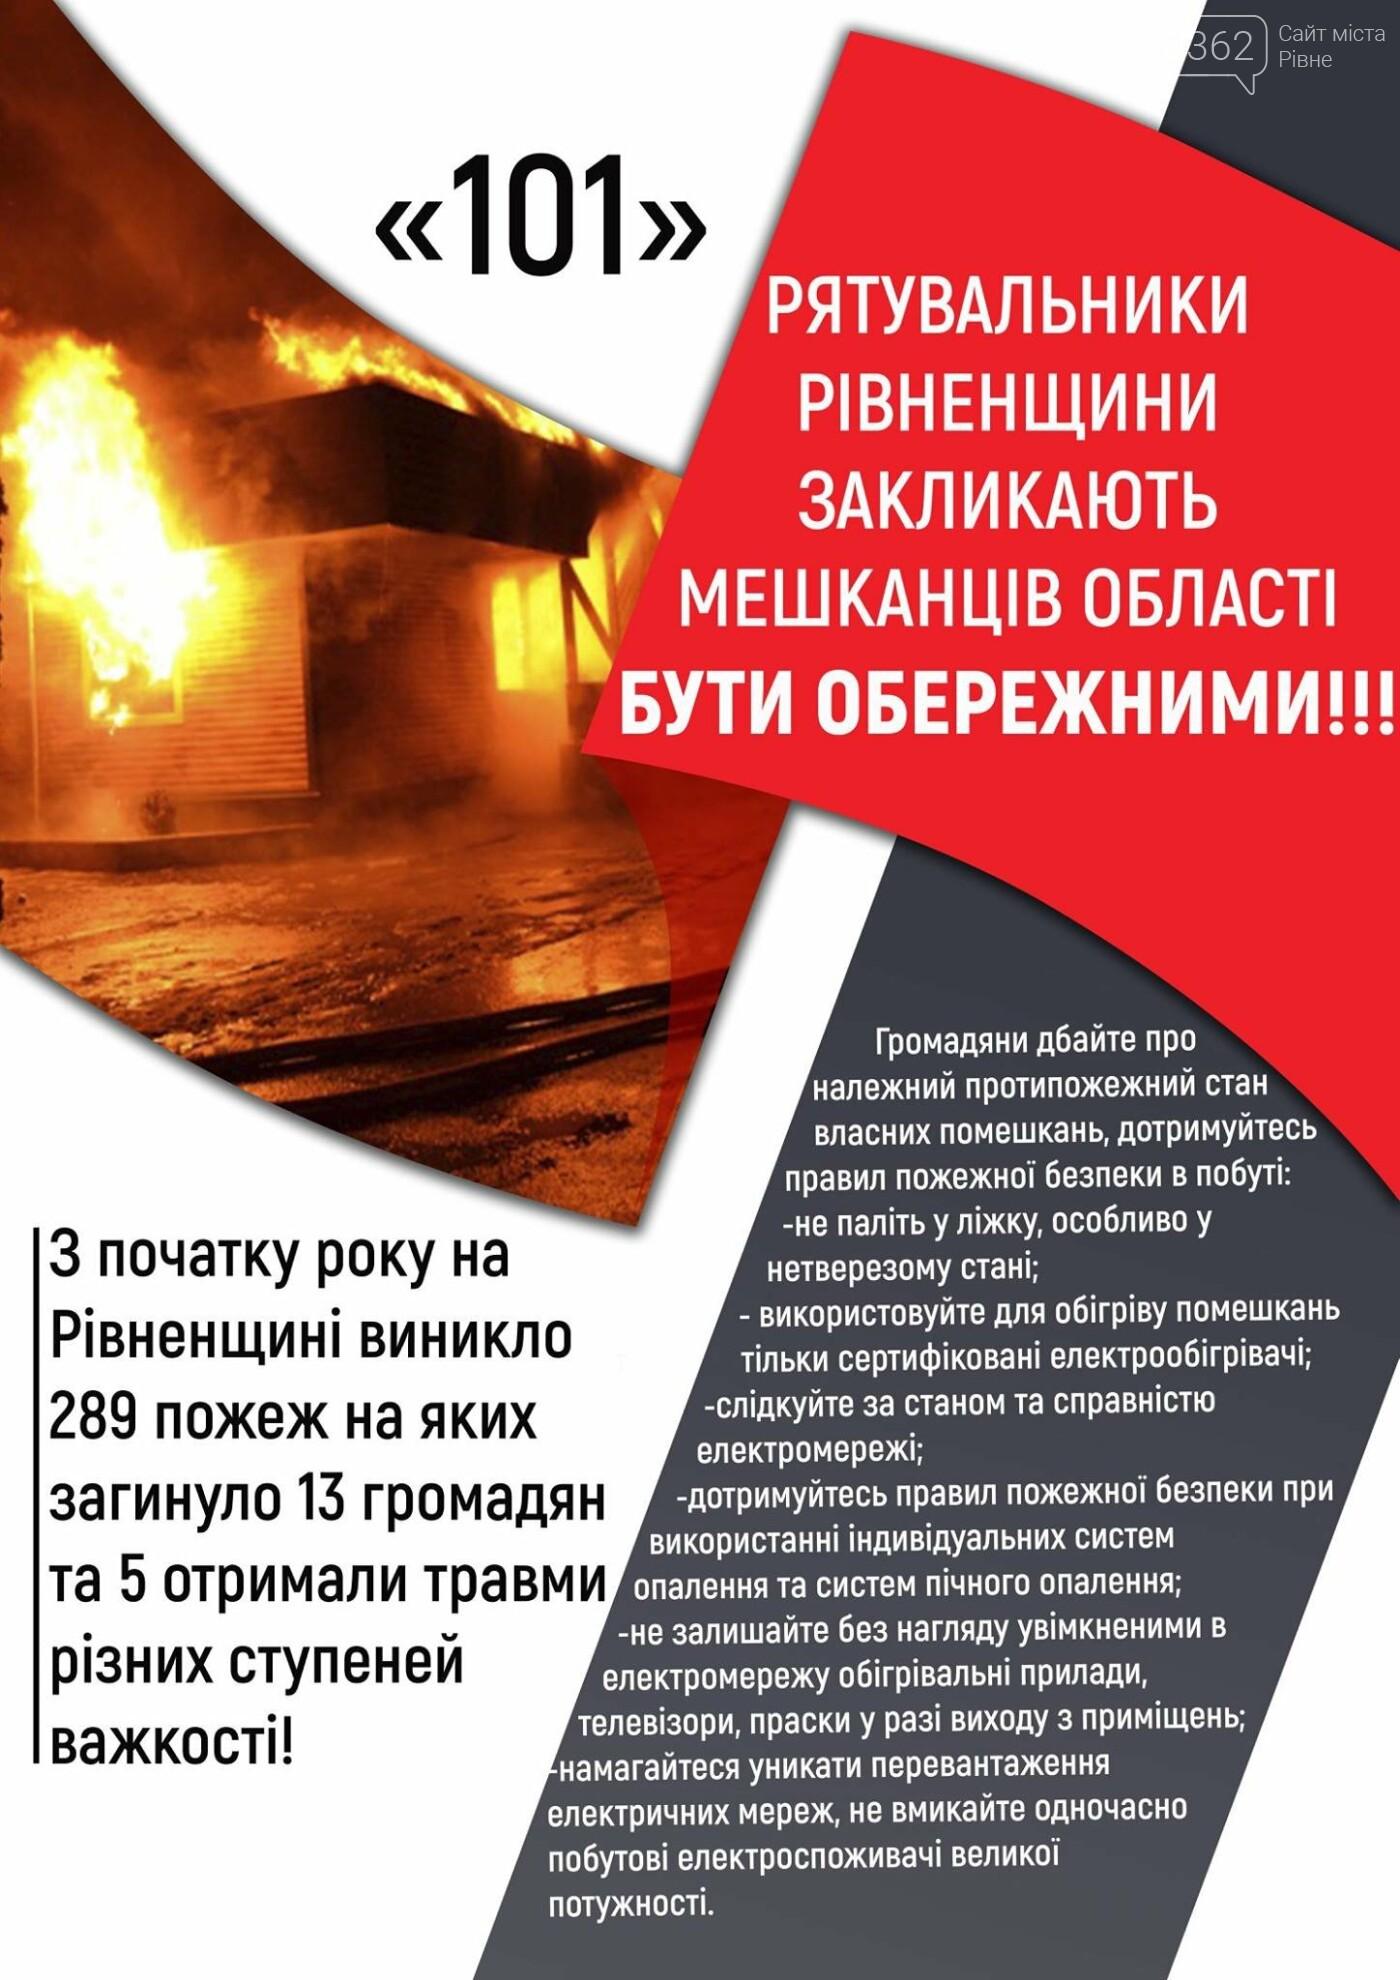 На Рівненщині сталося вже майже 300 пожеж, є постраждалі , фото-1